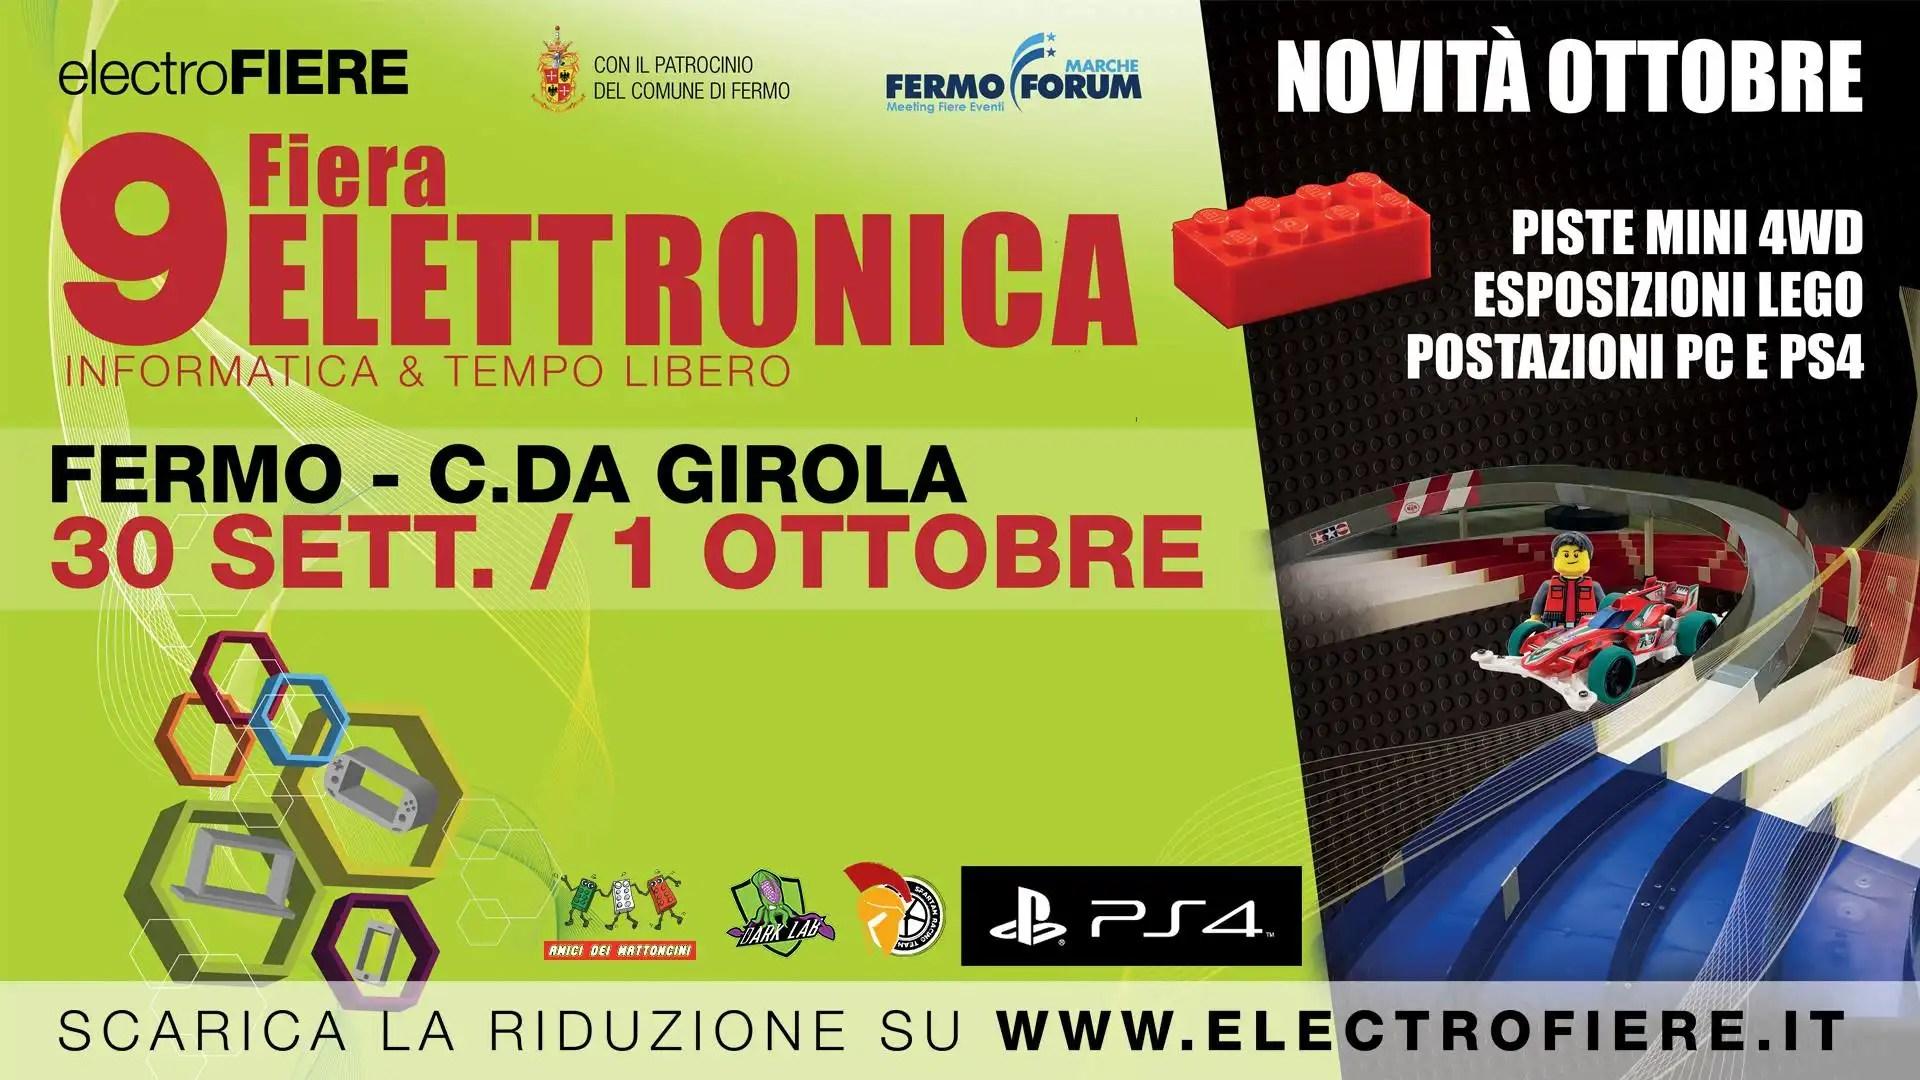 9° Fiera dell'elettronica a Fermo